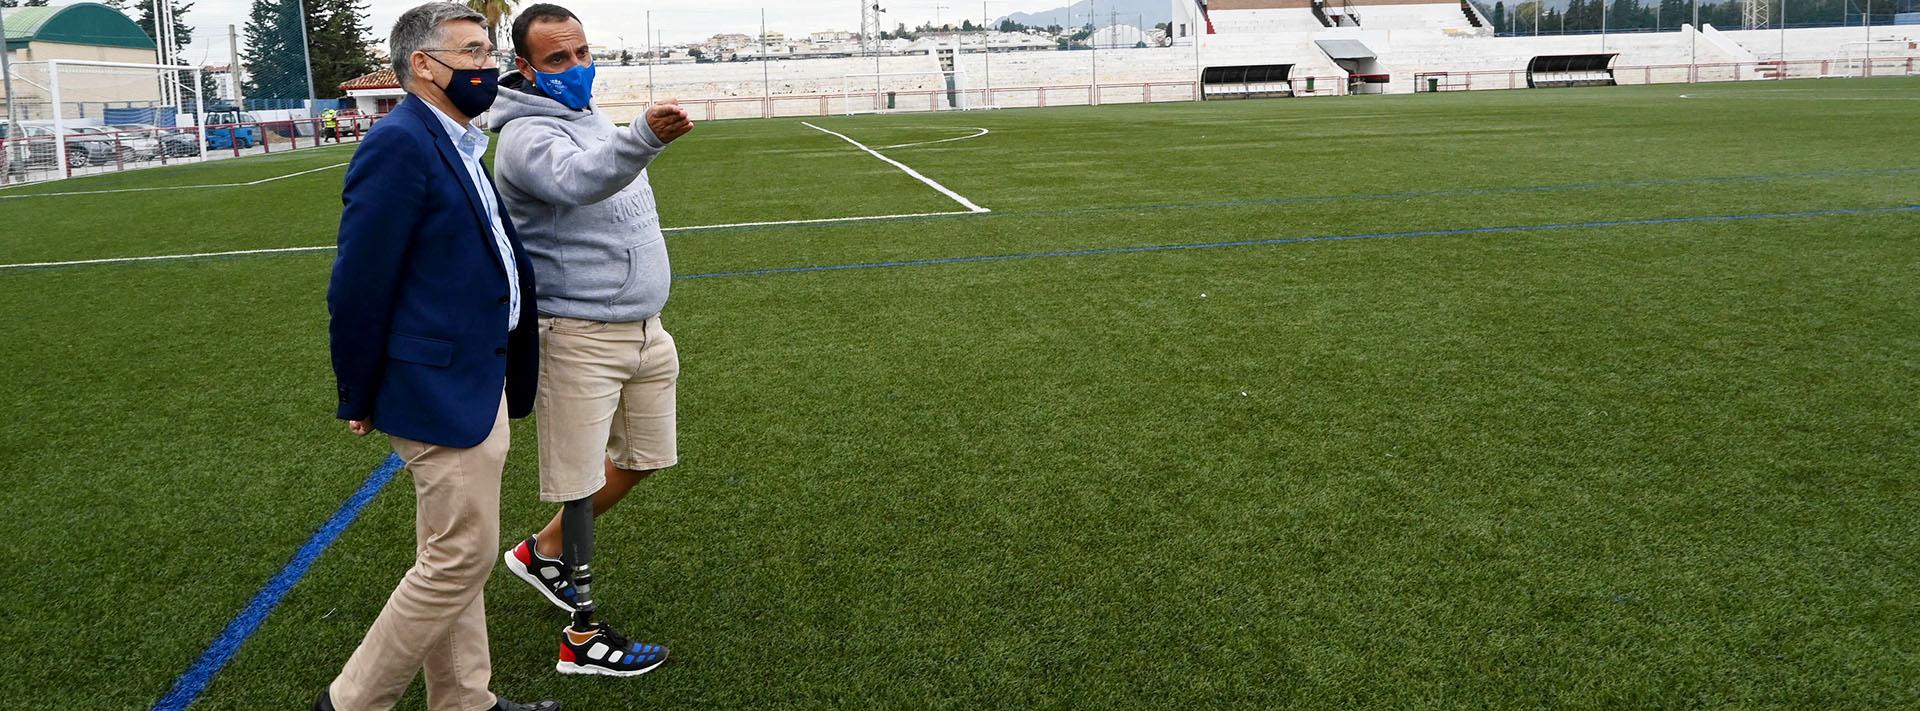 Comineza la remodelación integral del Estadio de Fútbol Antonio Naranjo de San Pedro Alcántara